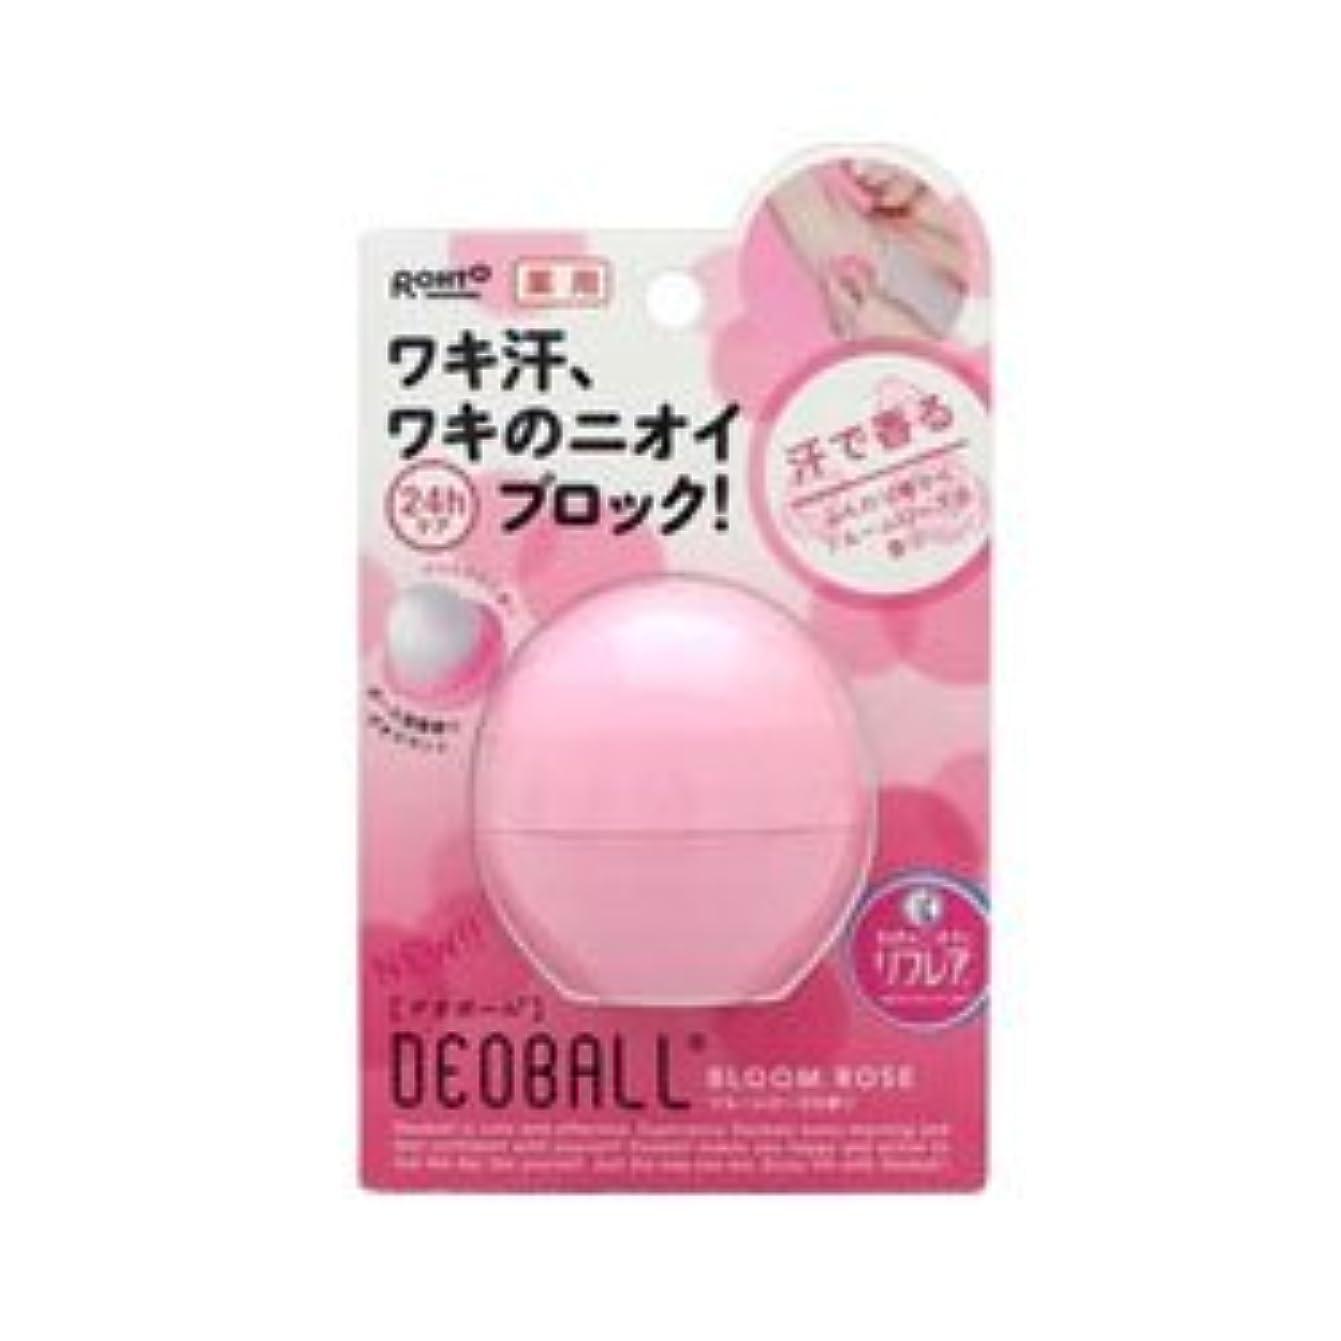 織機法律ありふれた【ロート製薬】デオボール ブルームローズの香り(ピンク) 15g(医薬部以外品) ×3個セット